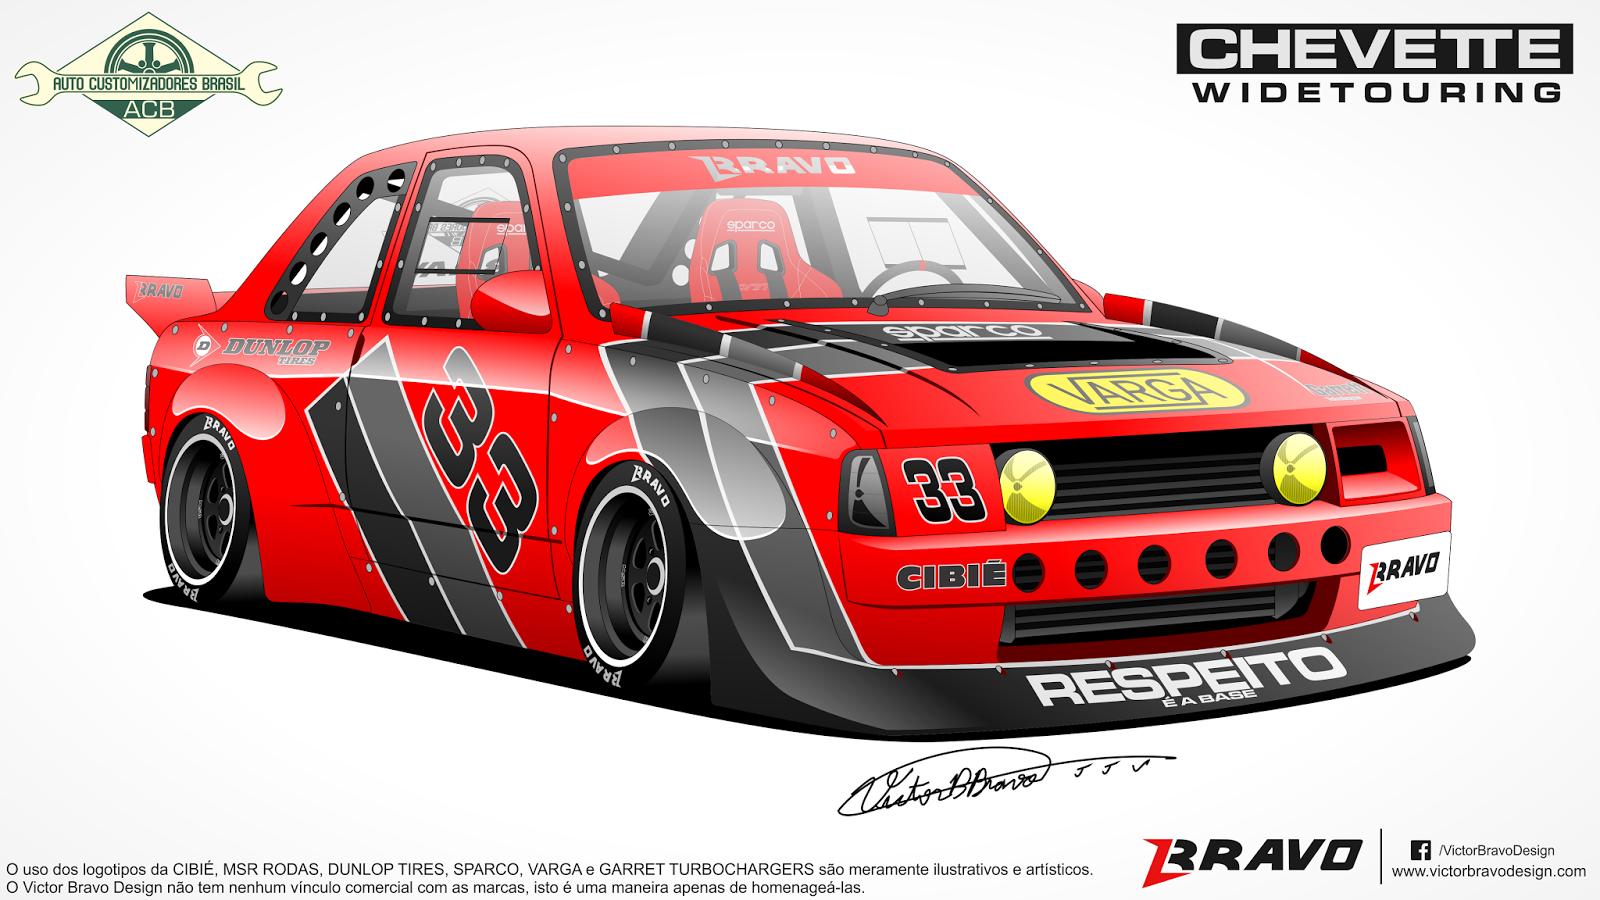 Imagem mostrando a frente do desenho do Chevrolet Chevette ''Widetouring''